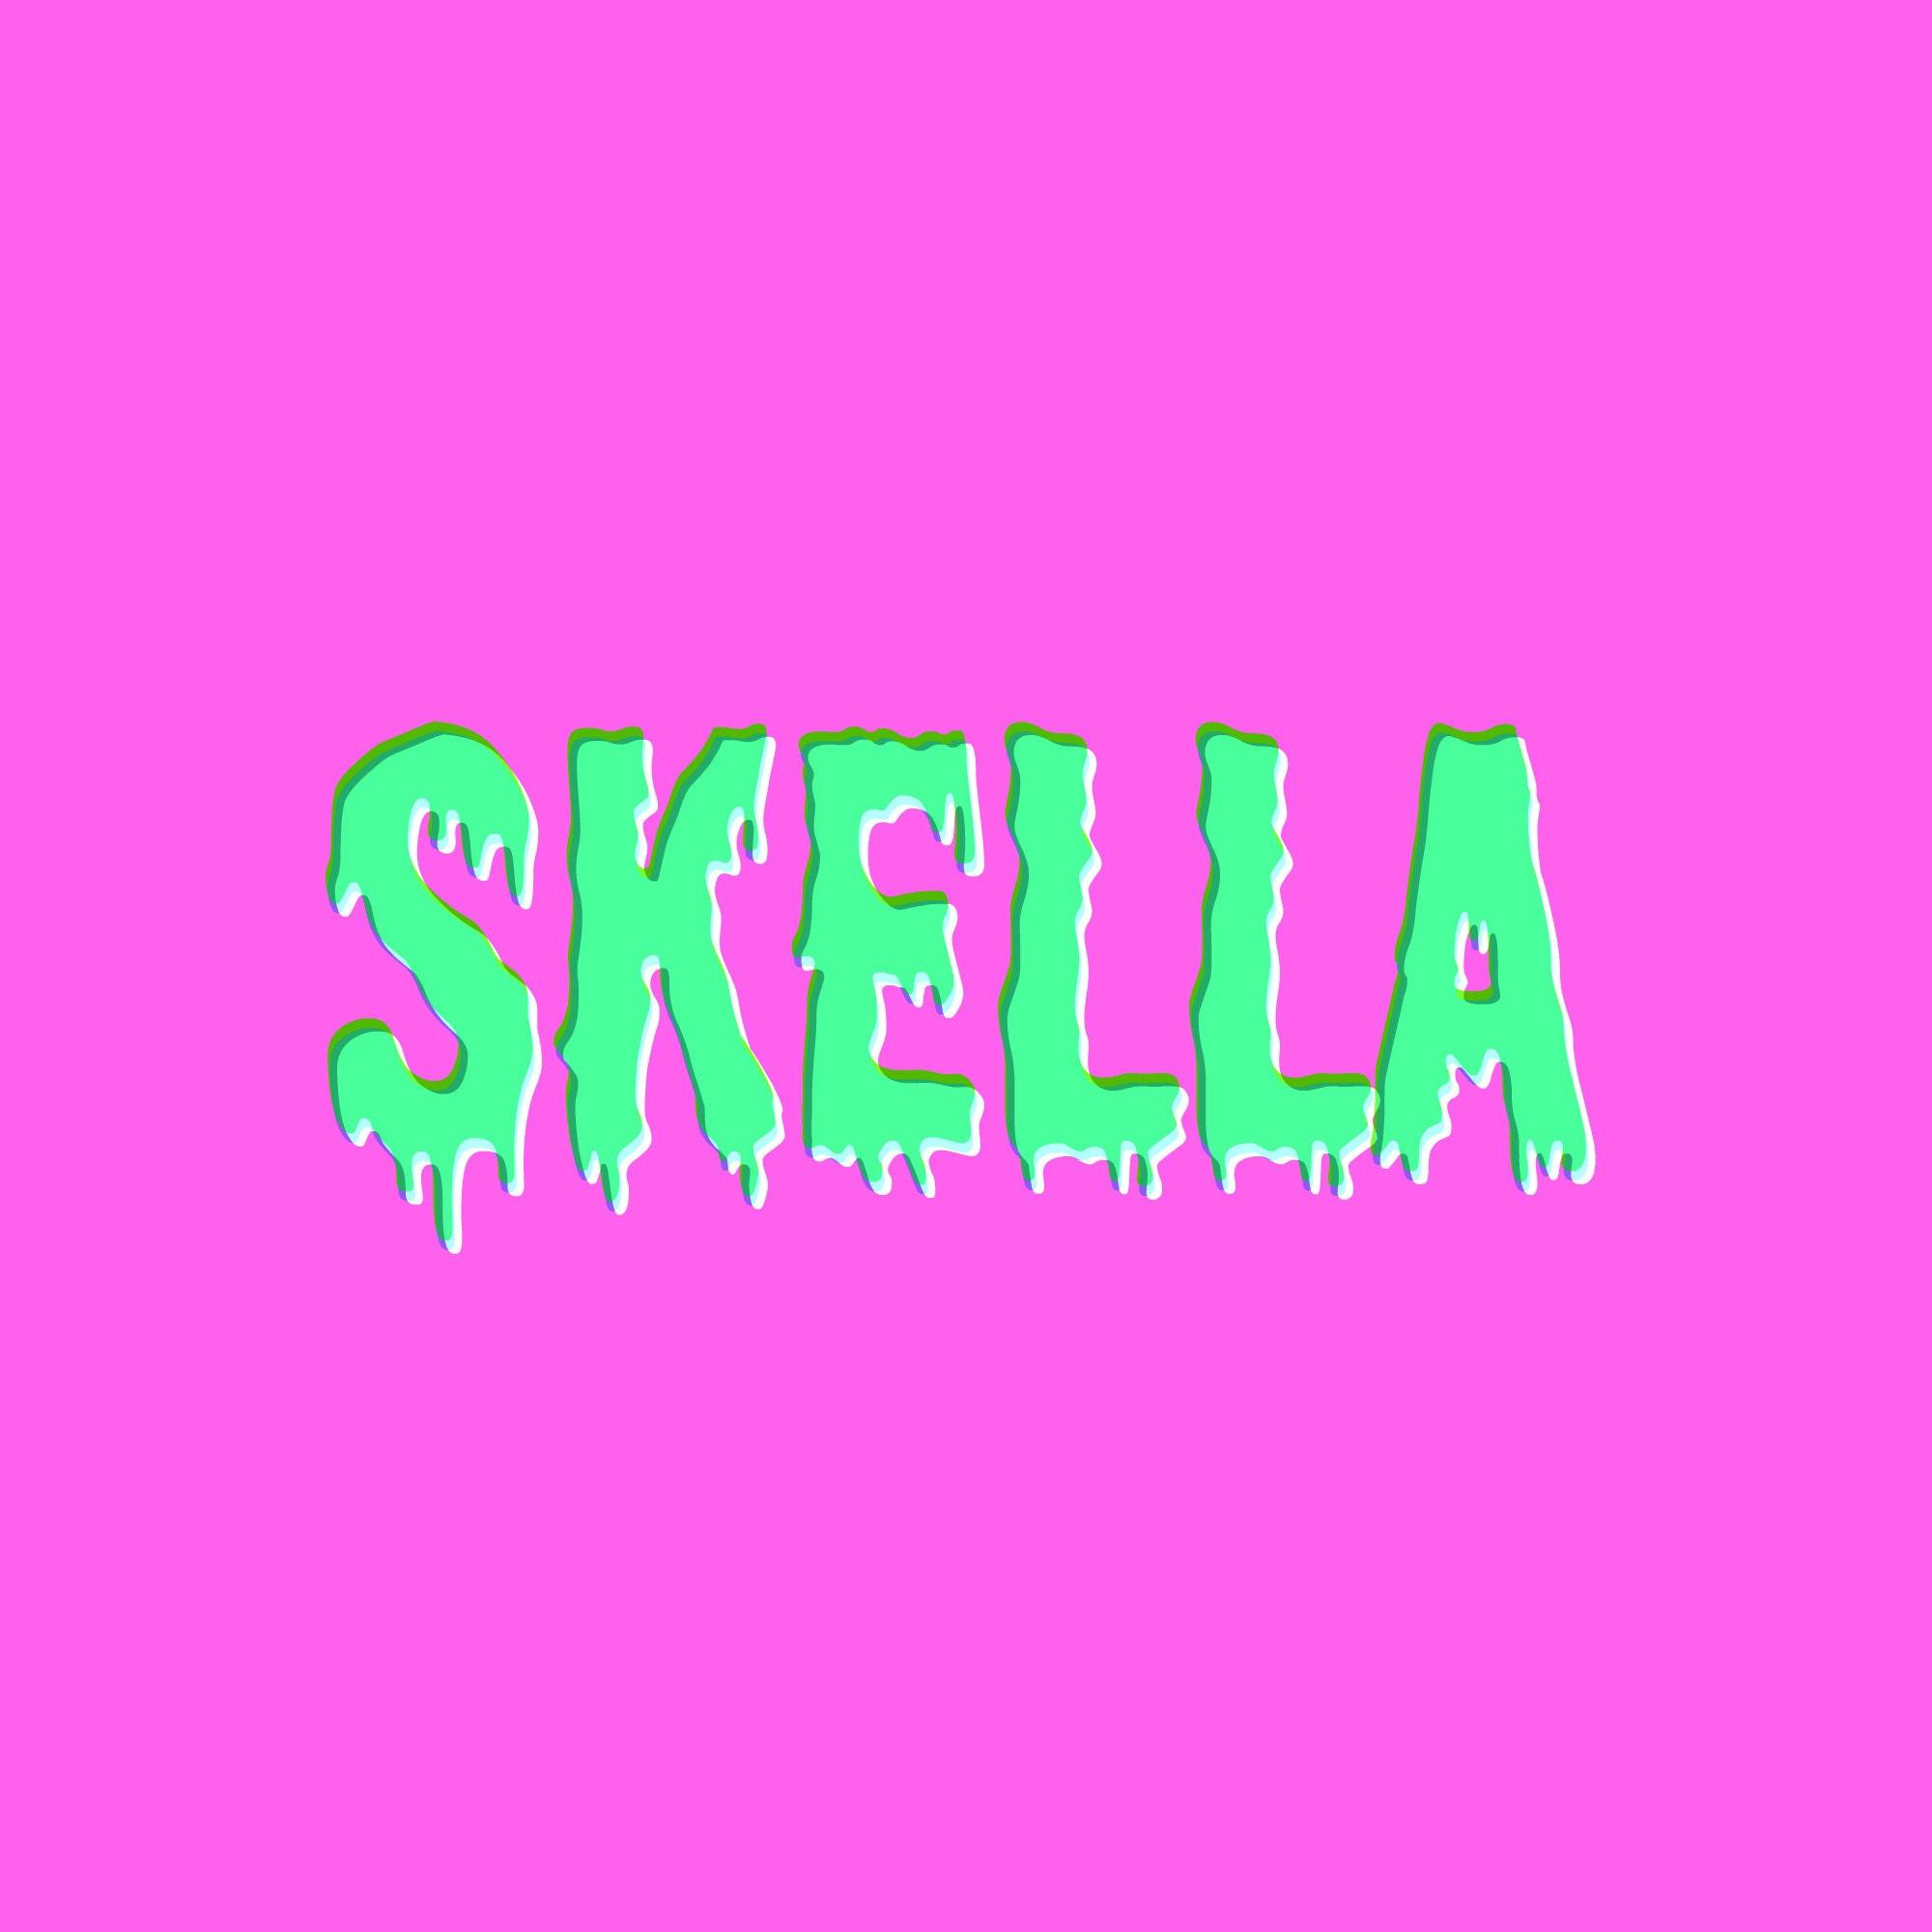 Skella Shop by Skella on Etsy